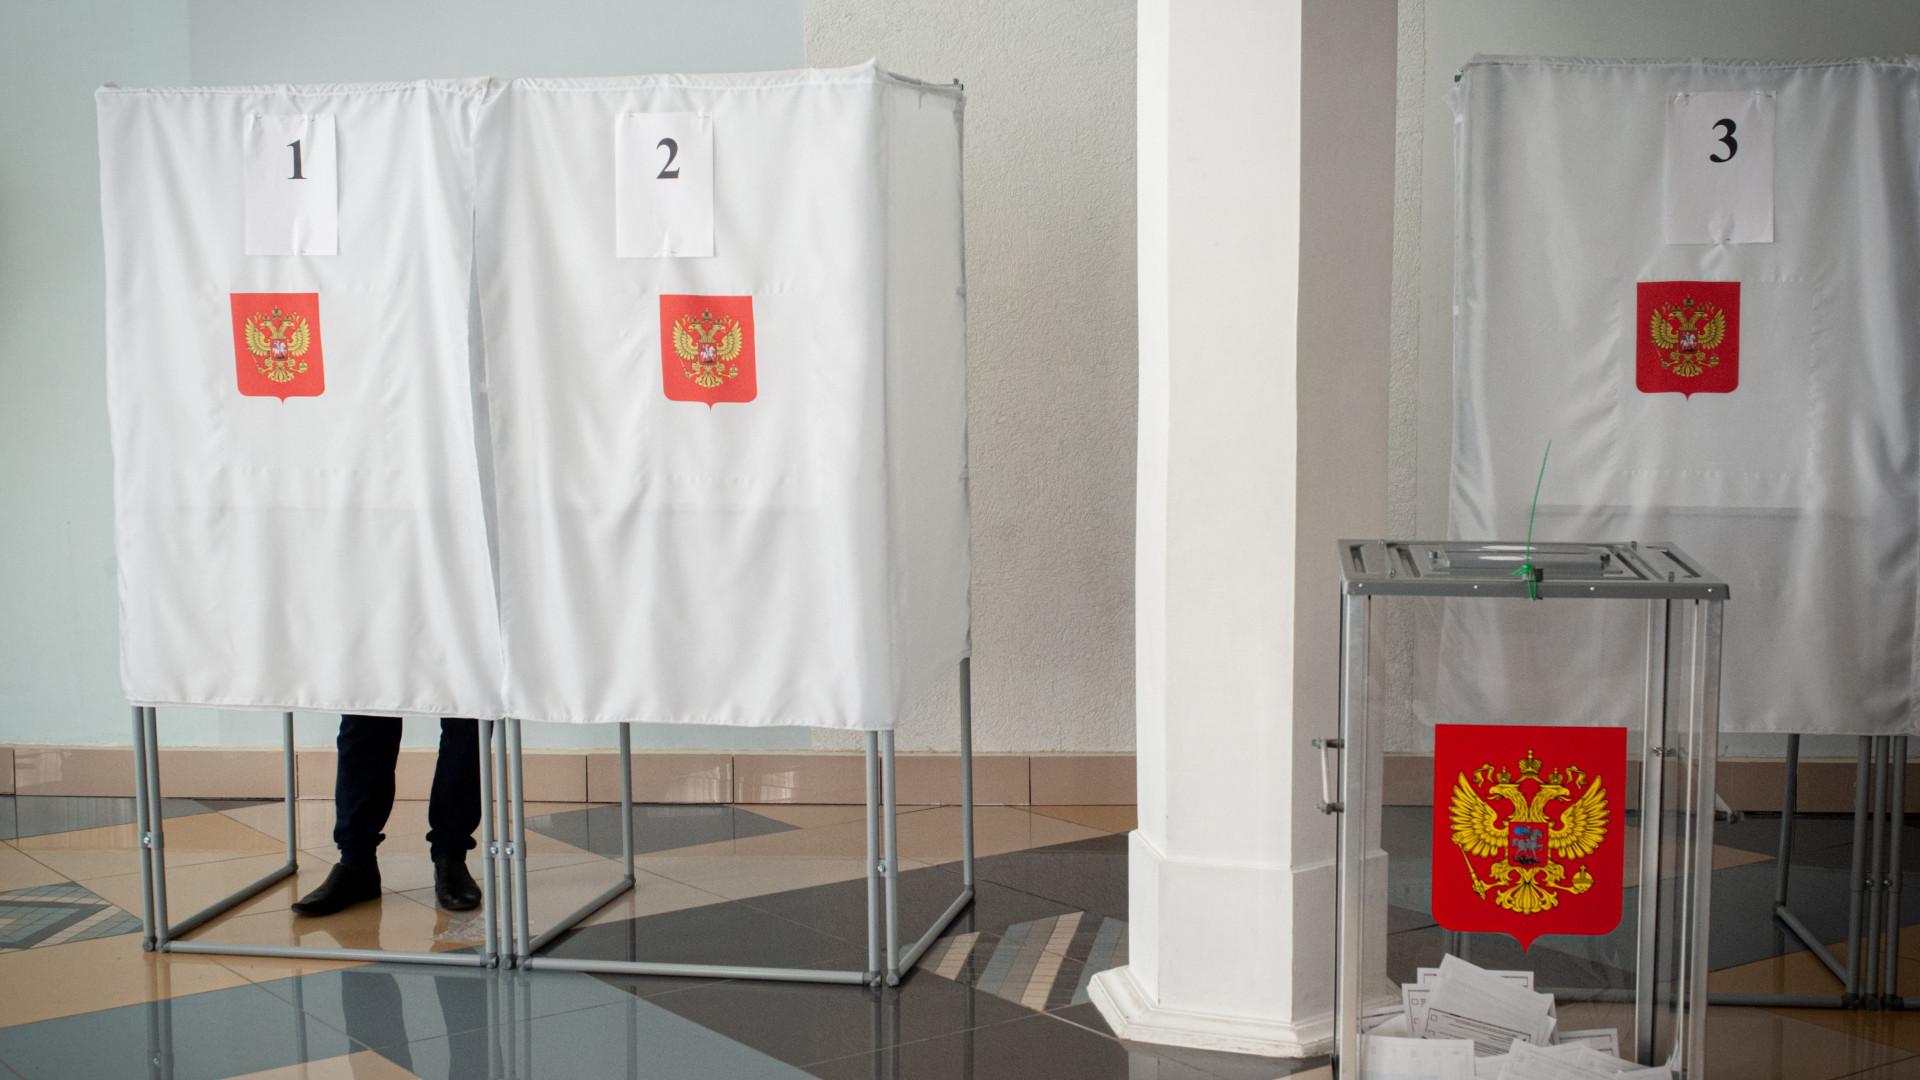 Súlyos visszaélésekre figyelmeztetnek az orosz parlamenti választások kapcsán